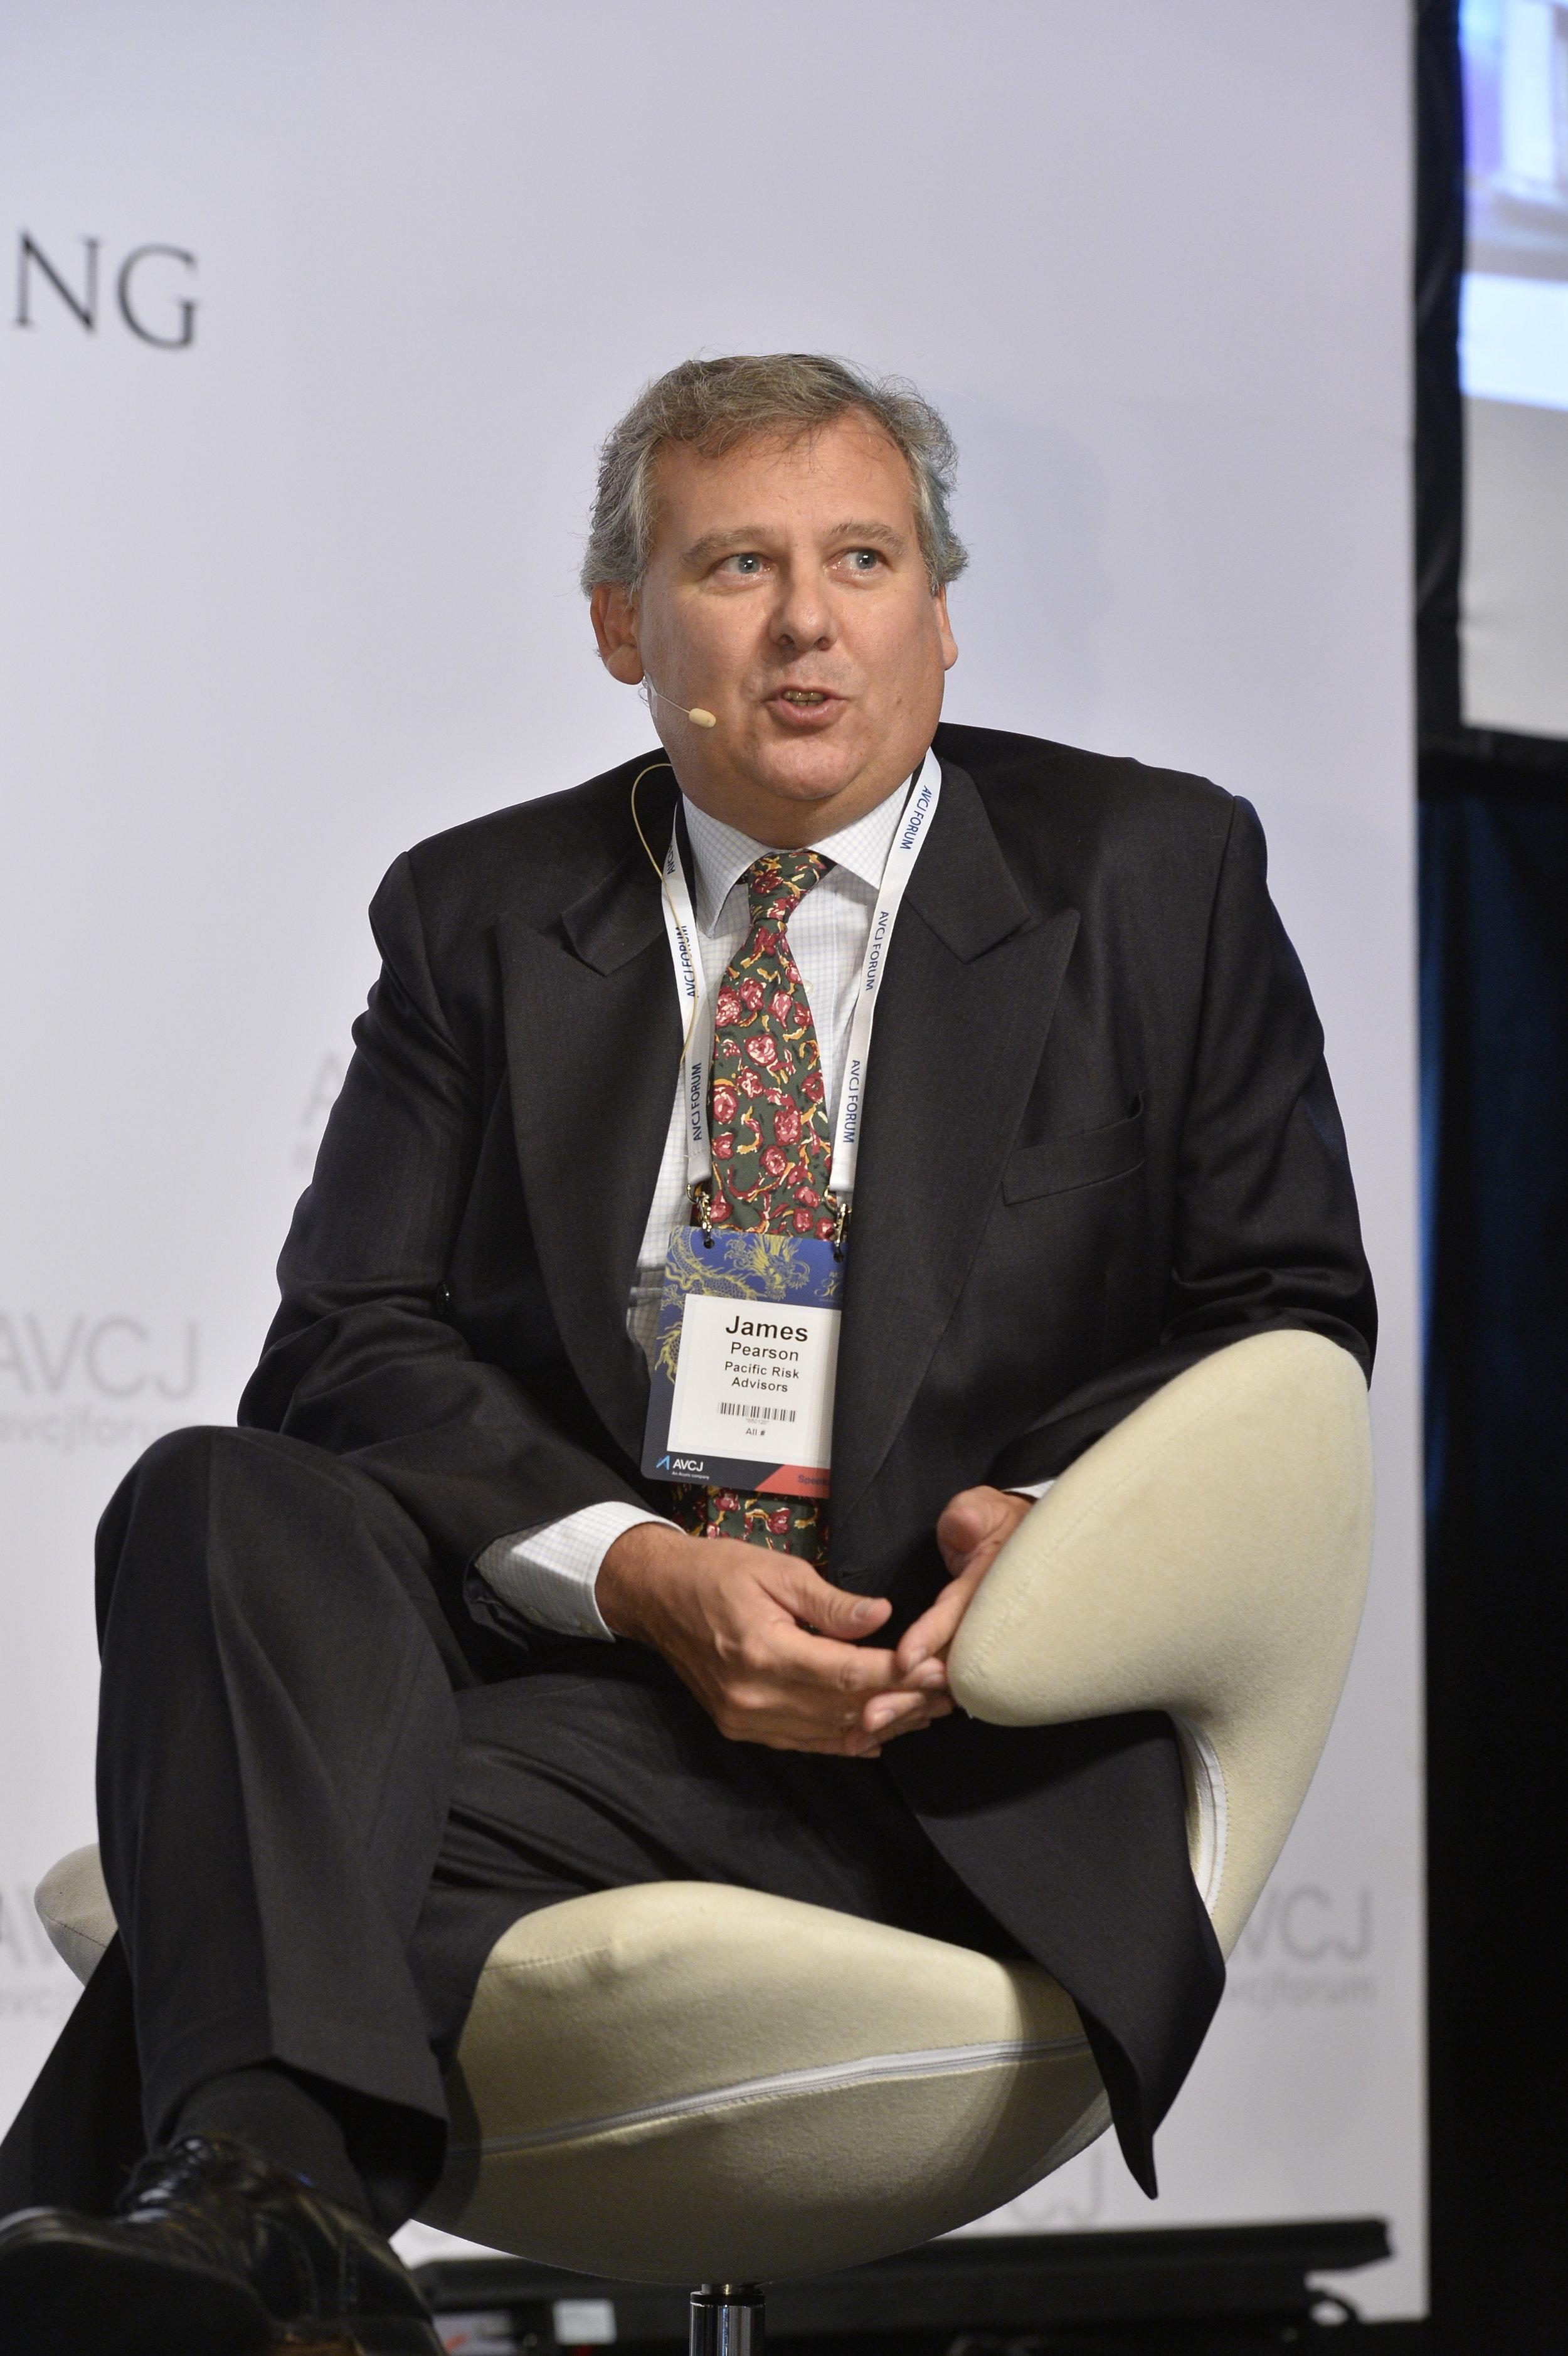 James Pearson, CEO - Pacific Risk Advisors